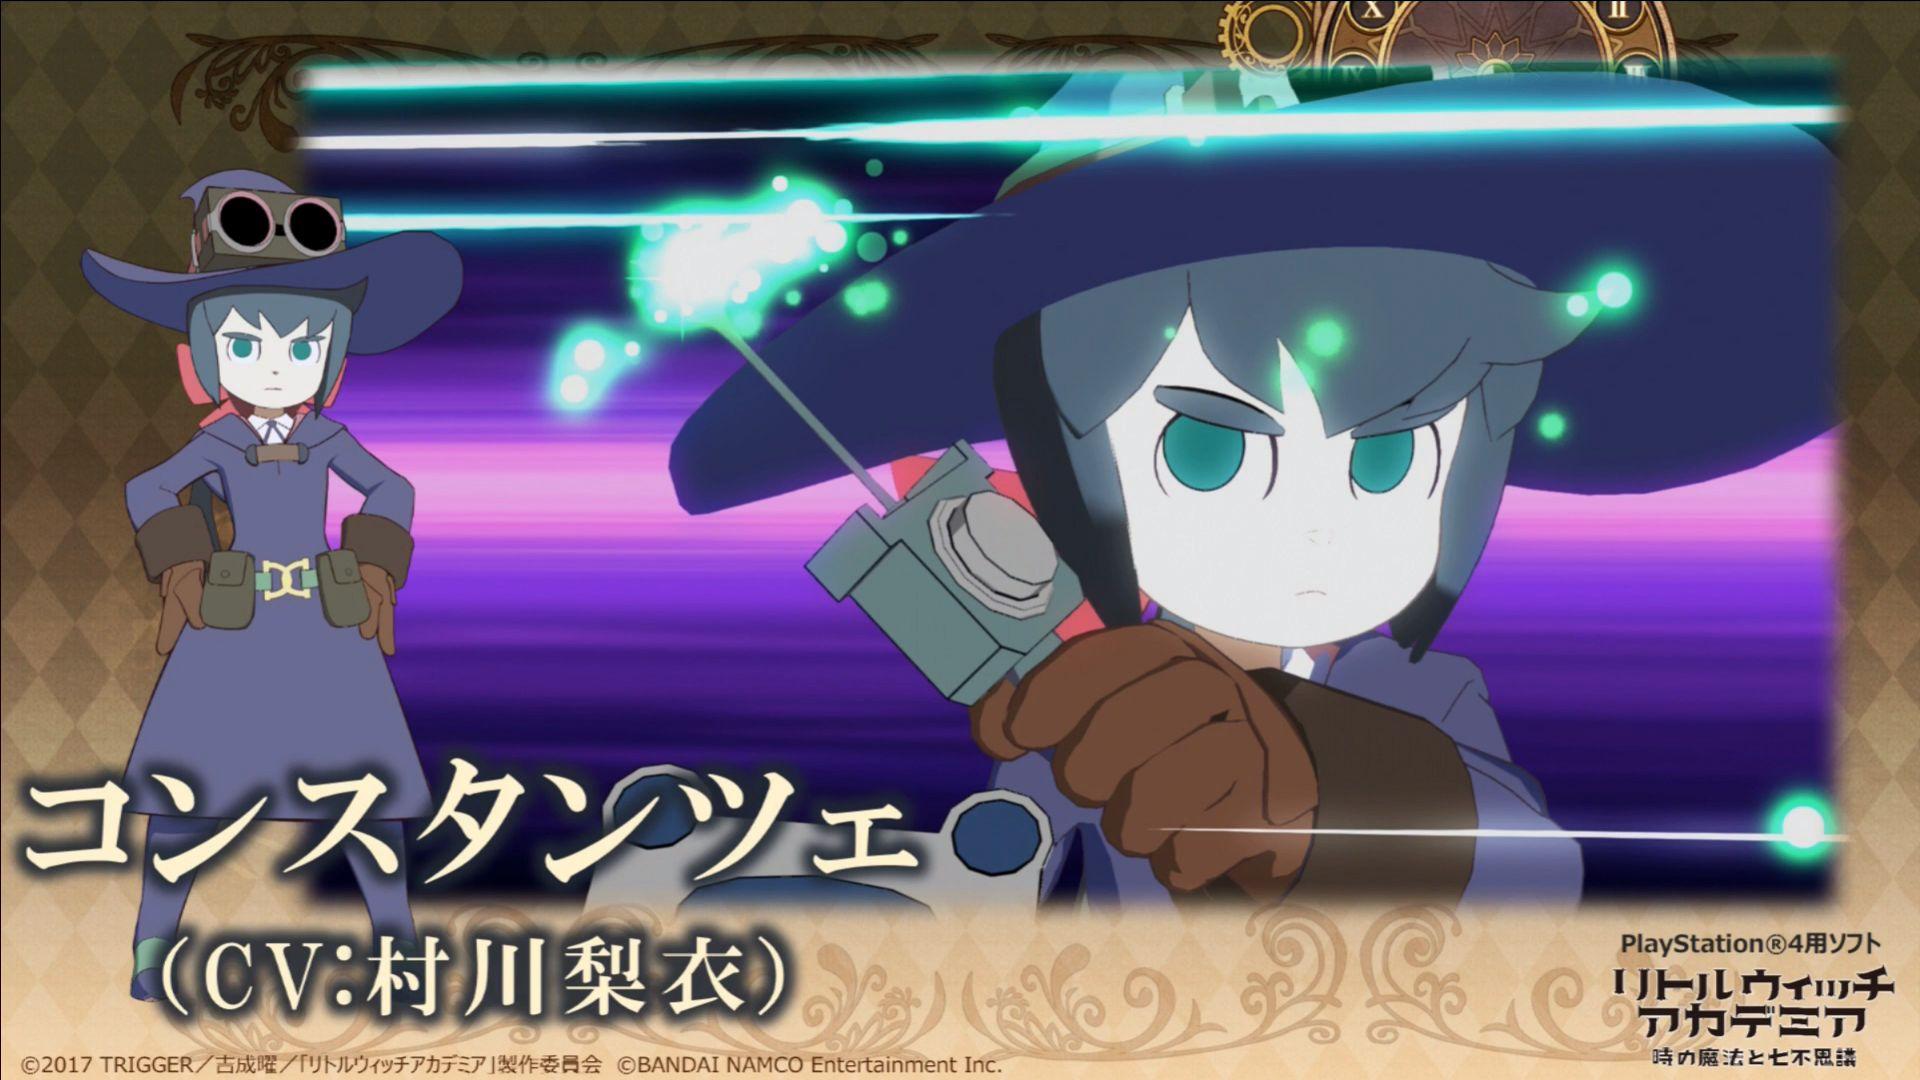 小魔女学园游戏最新情报 三个可操作角色加入